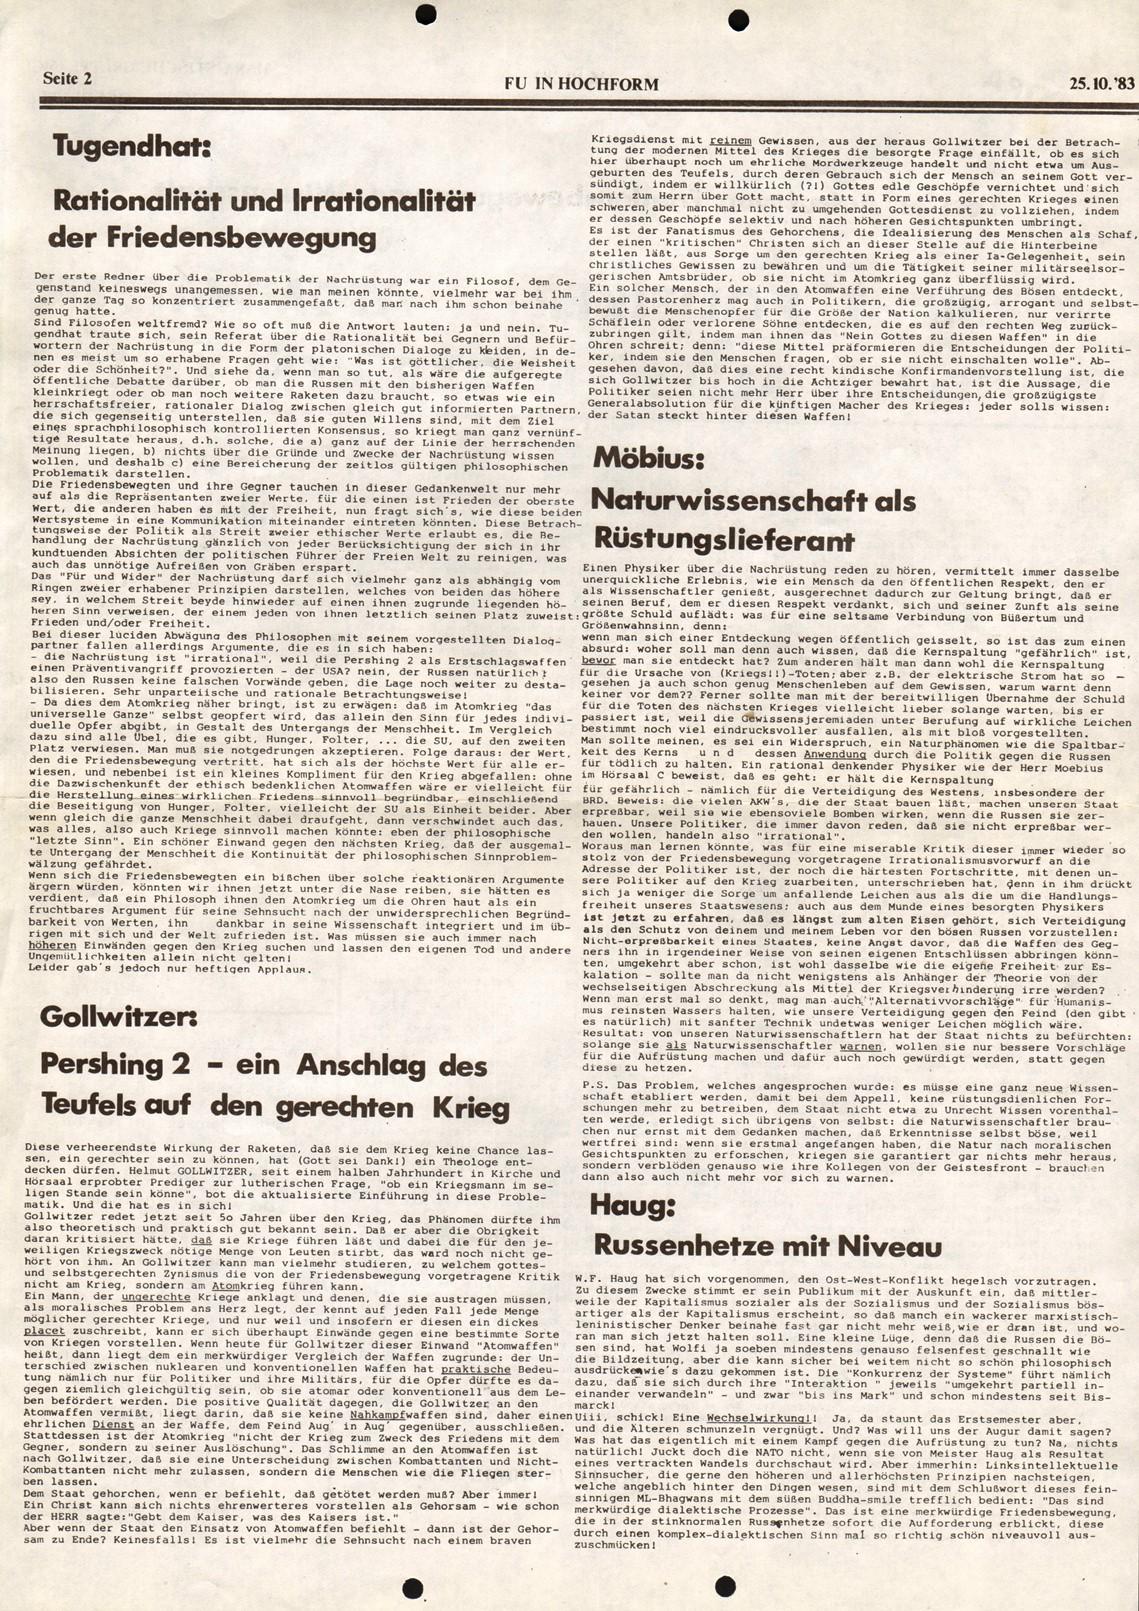 Berlin_MG_Hochschulgruppe_19831025_02